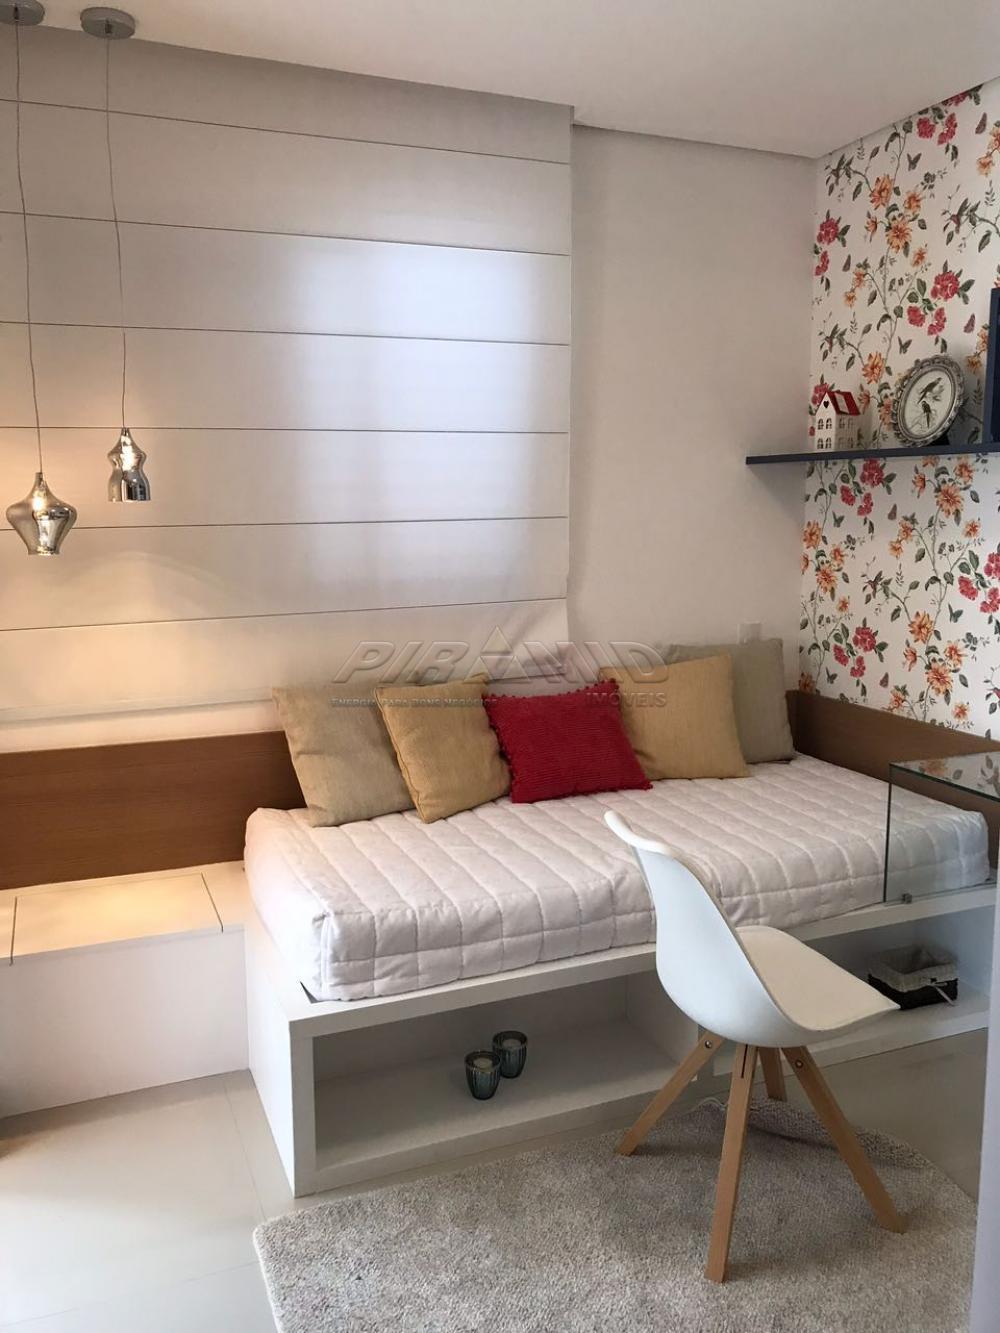 Comprar Apartamento / Padrão em Ribeirão Preto apenas R$ 624.100,00 - Foto 9